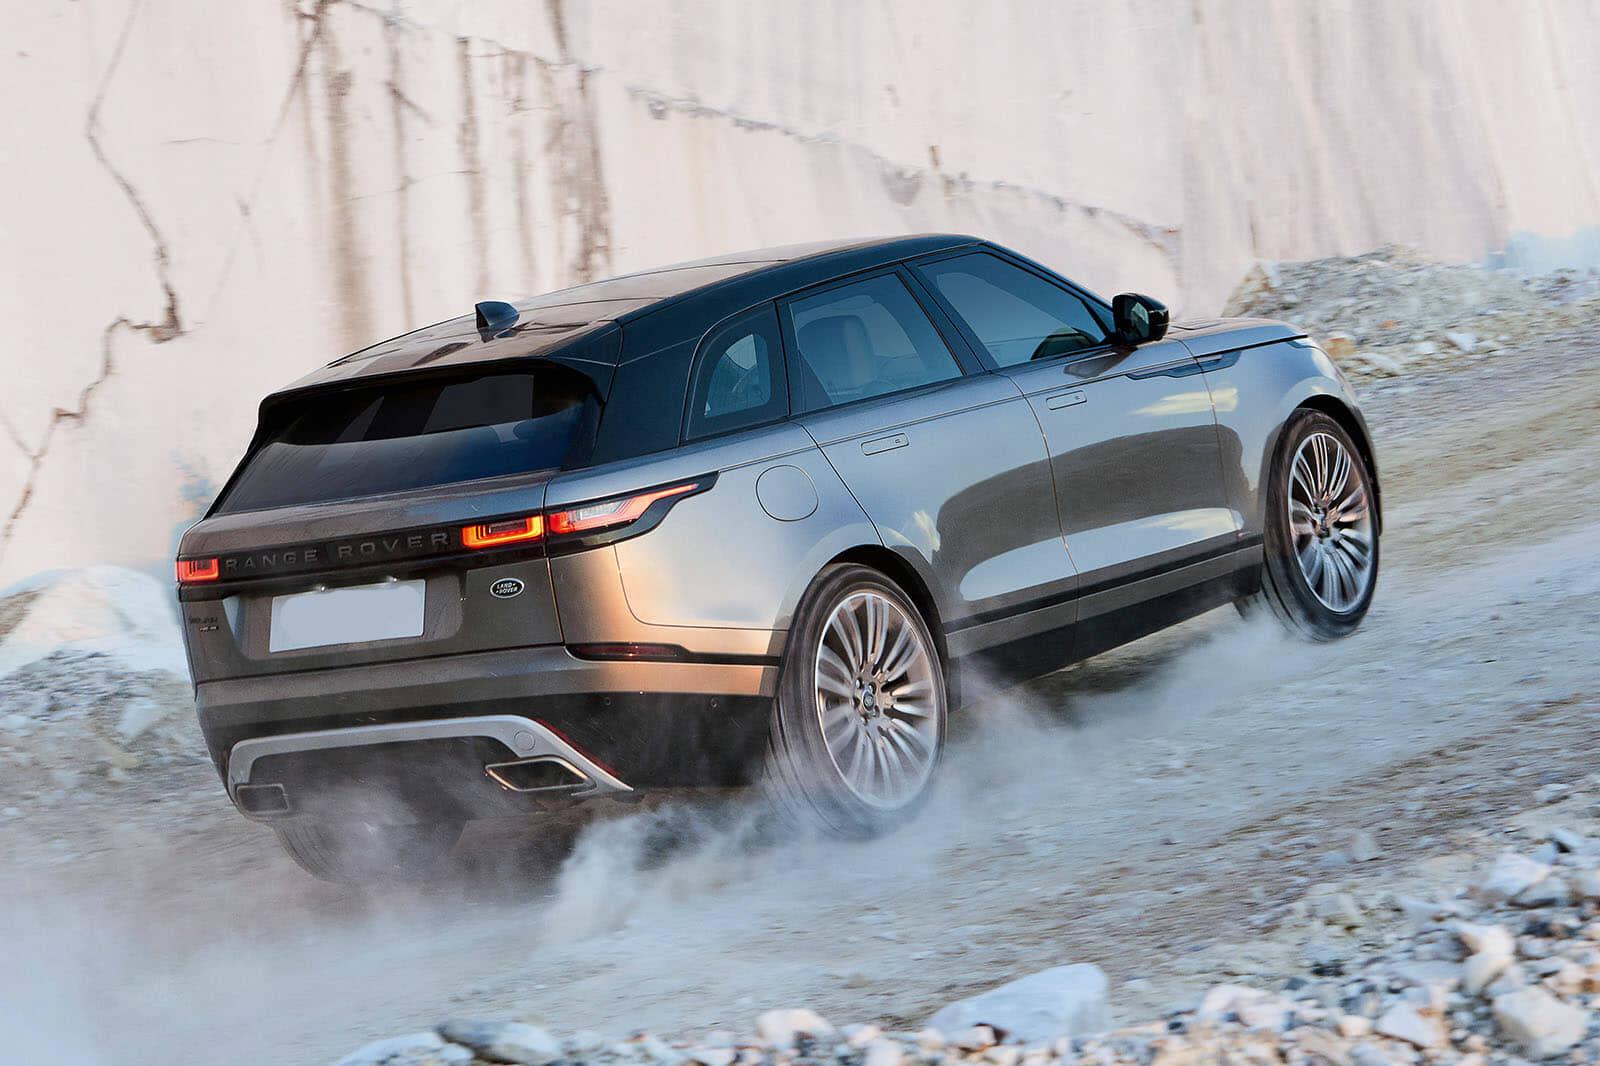 Range Rover Velar updated for 2019MY